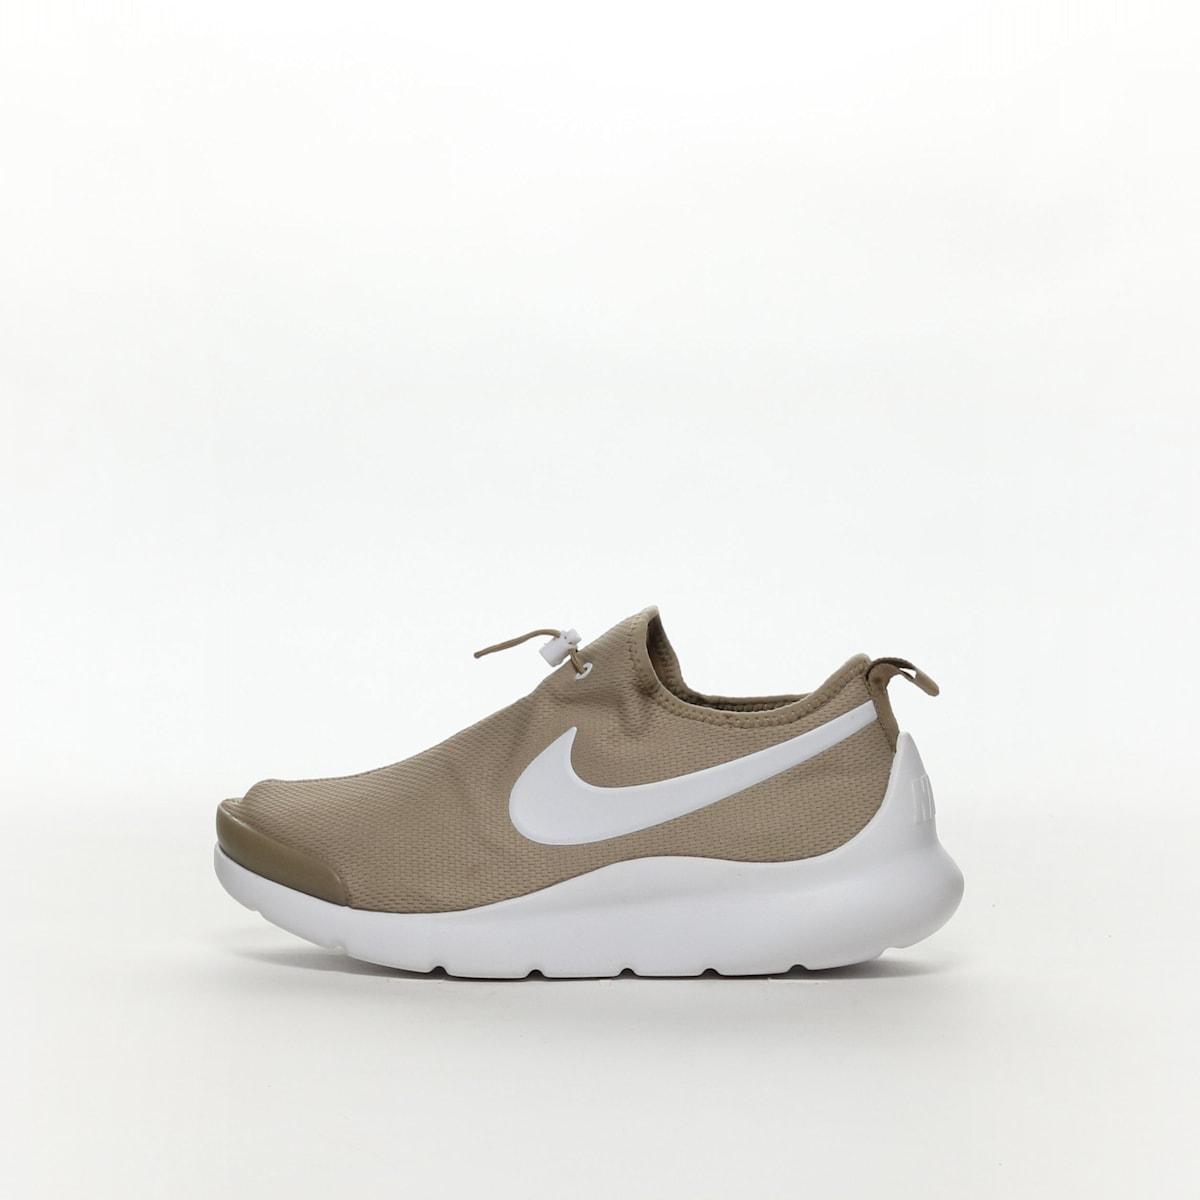 a1b3584f4e ... Nike aptare essential; Nike aptare essential. *Actual Shoe